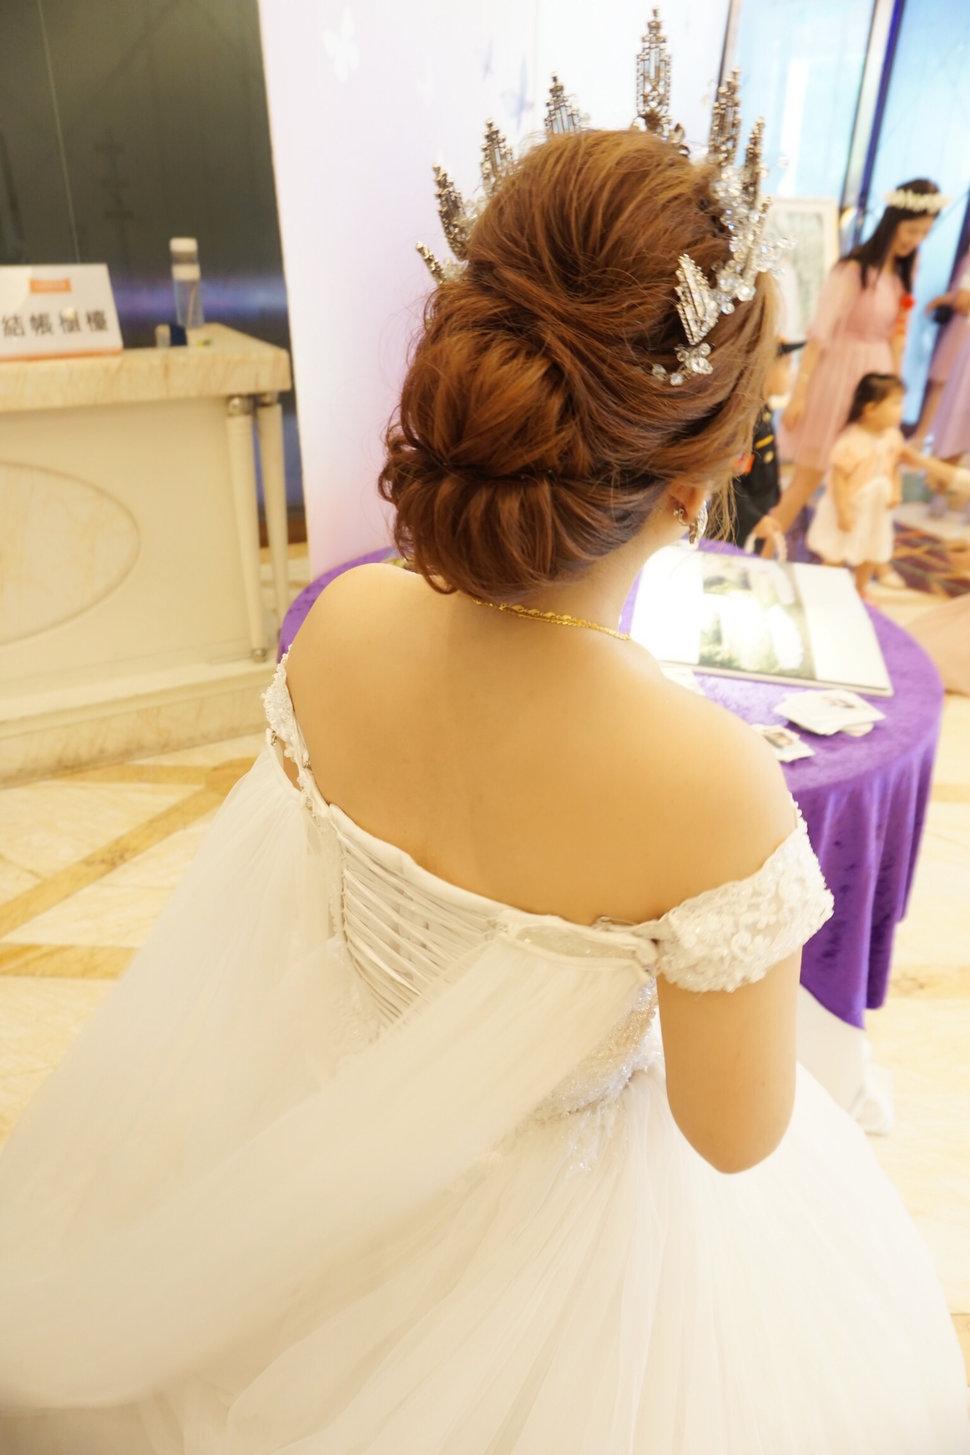 86EABA66-E357-46C8-83C6-DE0AD583D451 - 新娘我最大/蓁蓁 makeup《結婚吧》